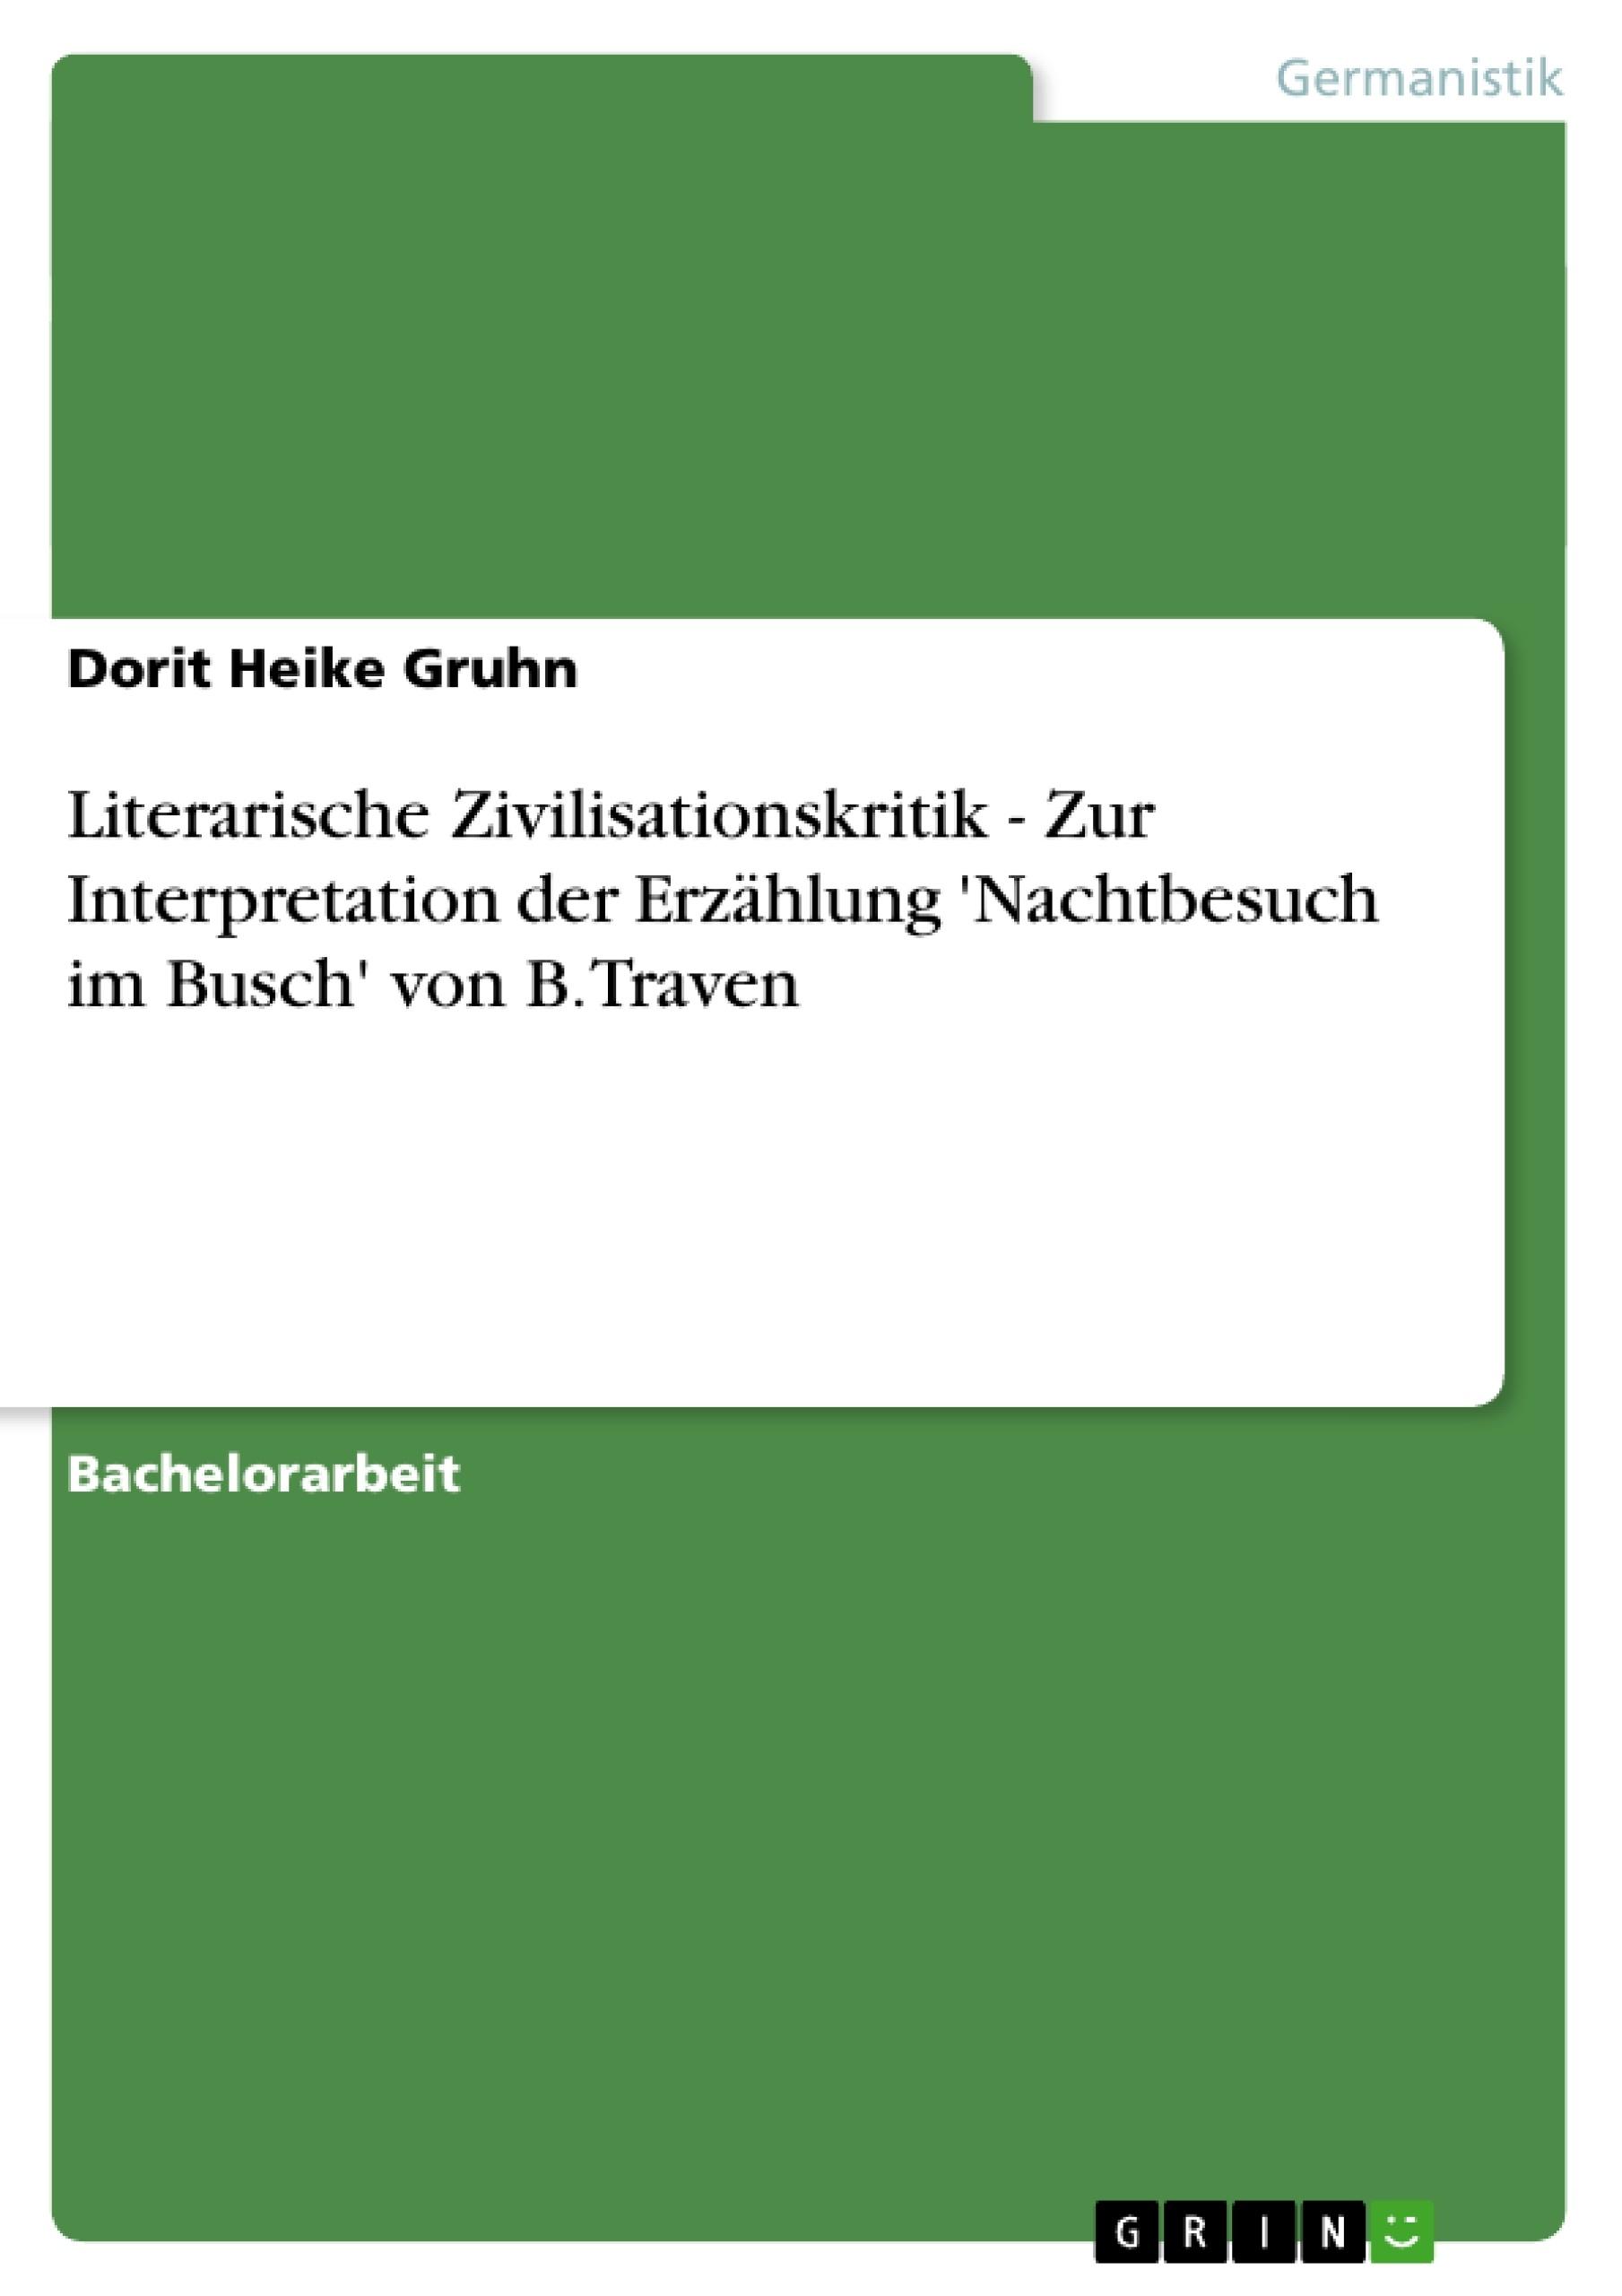 Titel: Literarische Zivilisationskritik - Zur Interpretation der Erzählung 'Nachtbesuch im Busch' von B. Traven